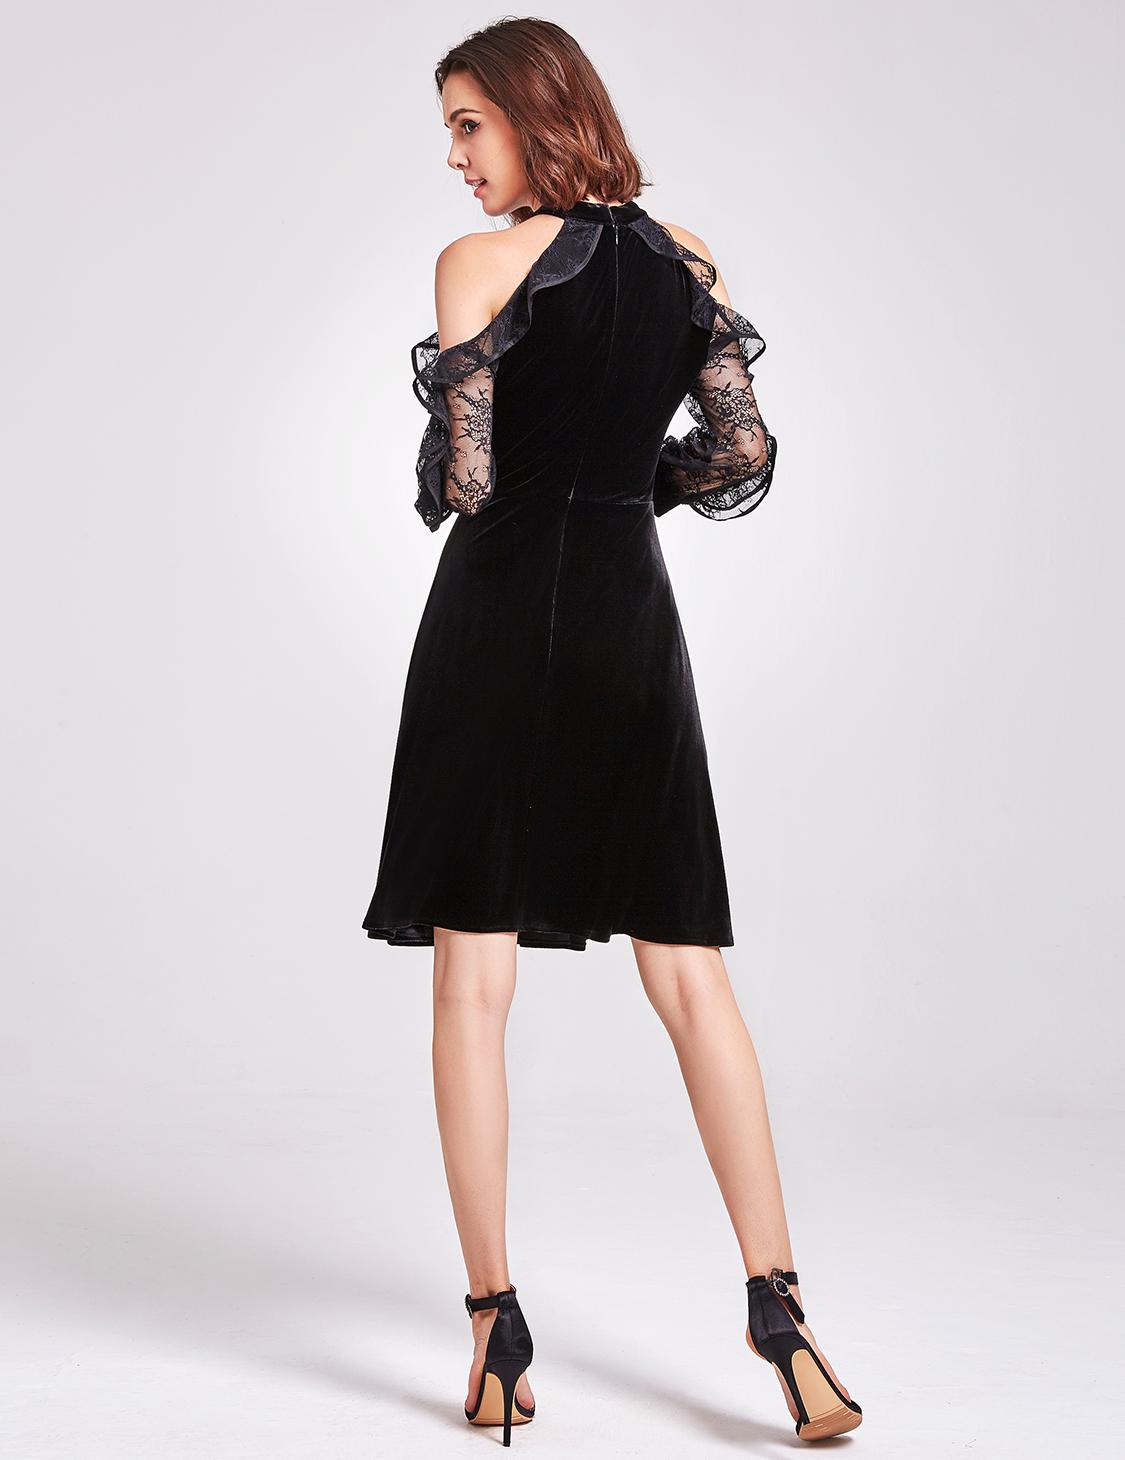 Alisa Pan Cold Shoulder Velvet Evening Dresses Black Lace Sleeve